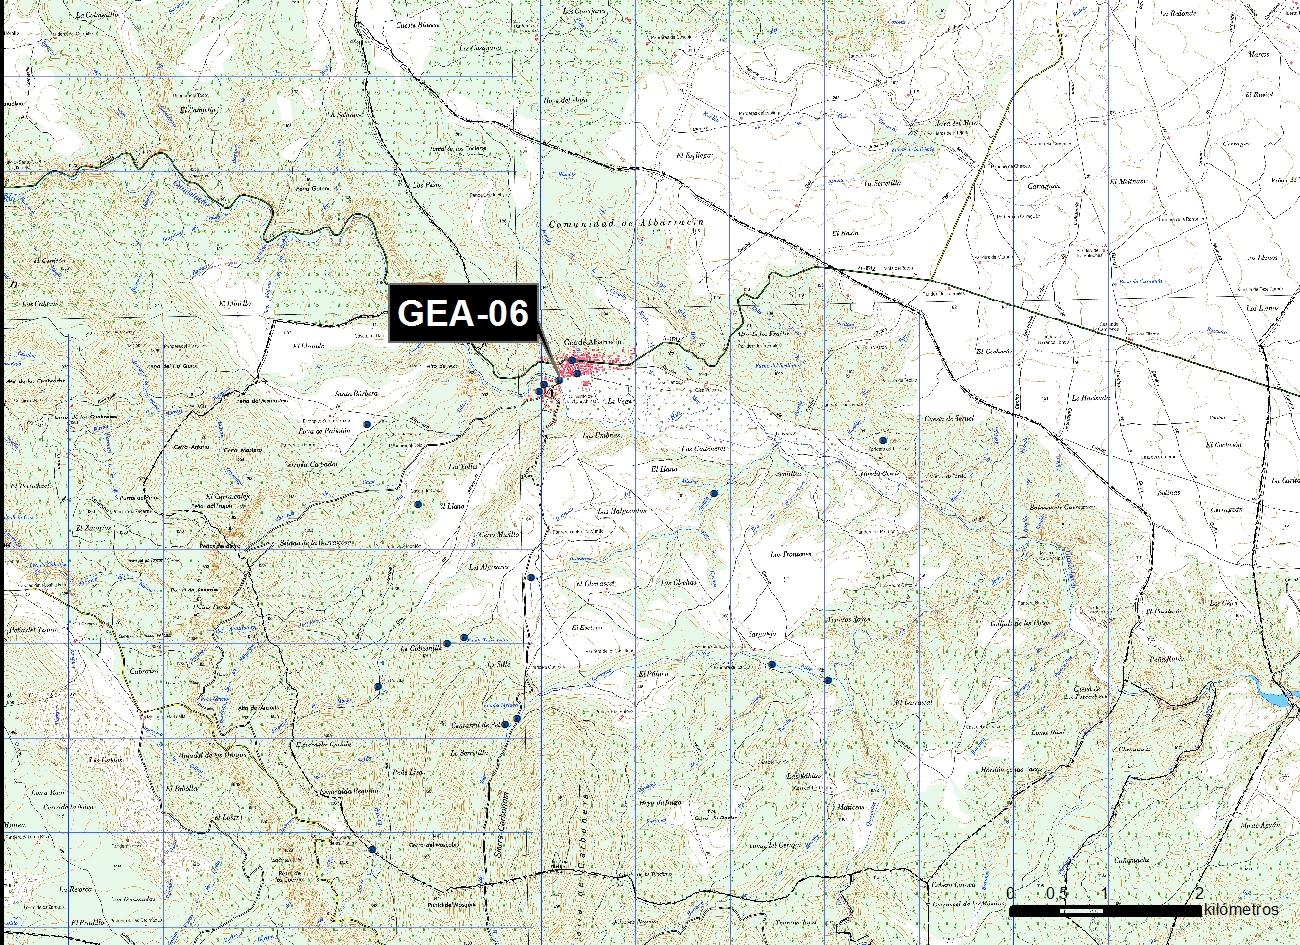 GEA_06_M.V.LOZANO_PARQUE EL RASTRO_MAP.TOPO 1